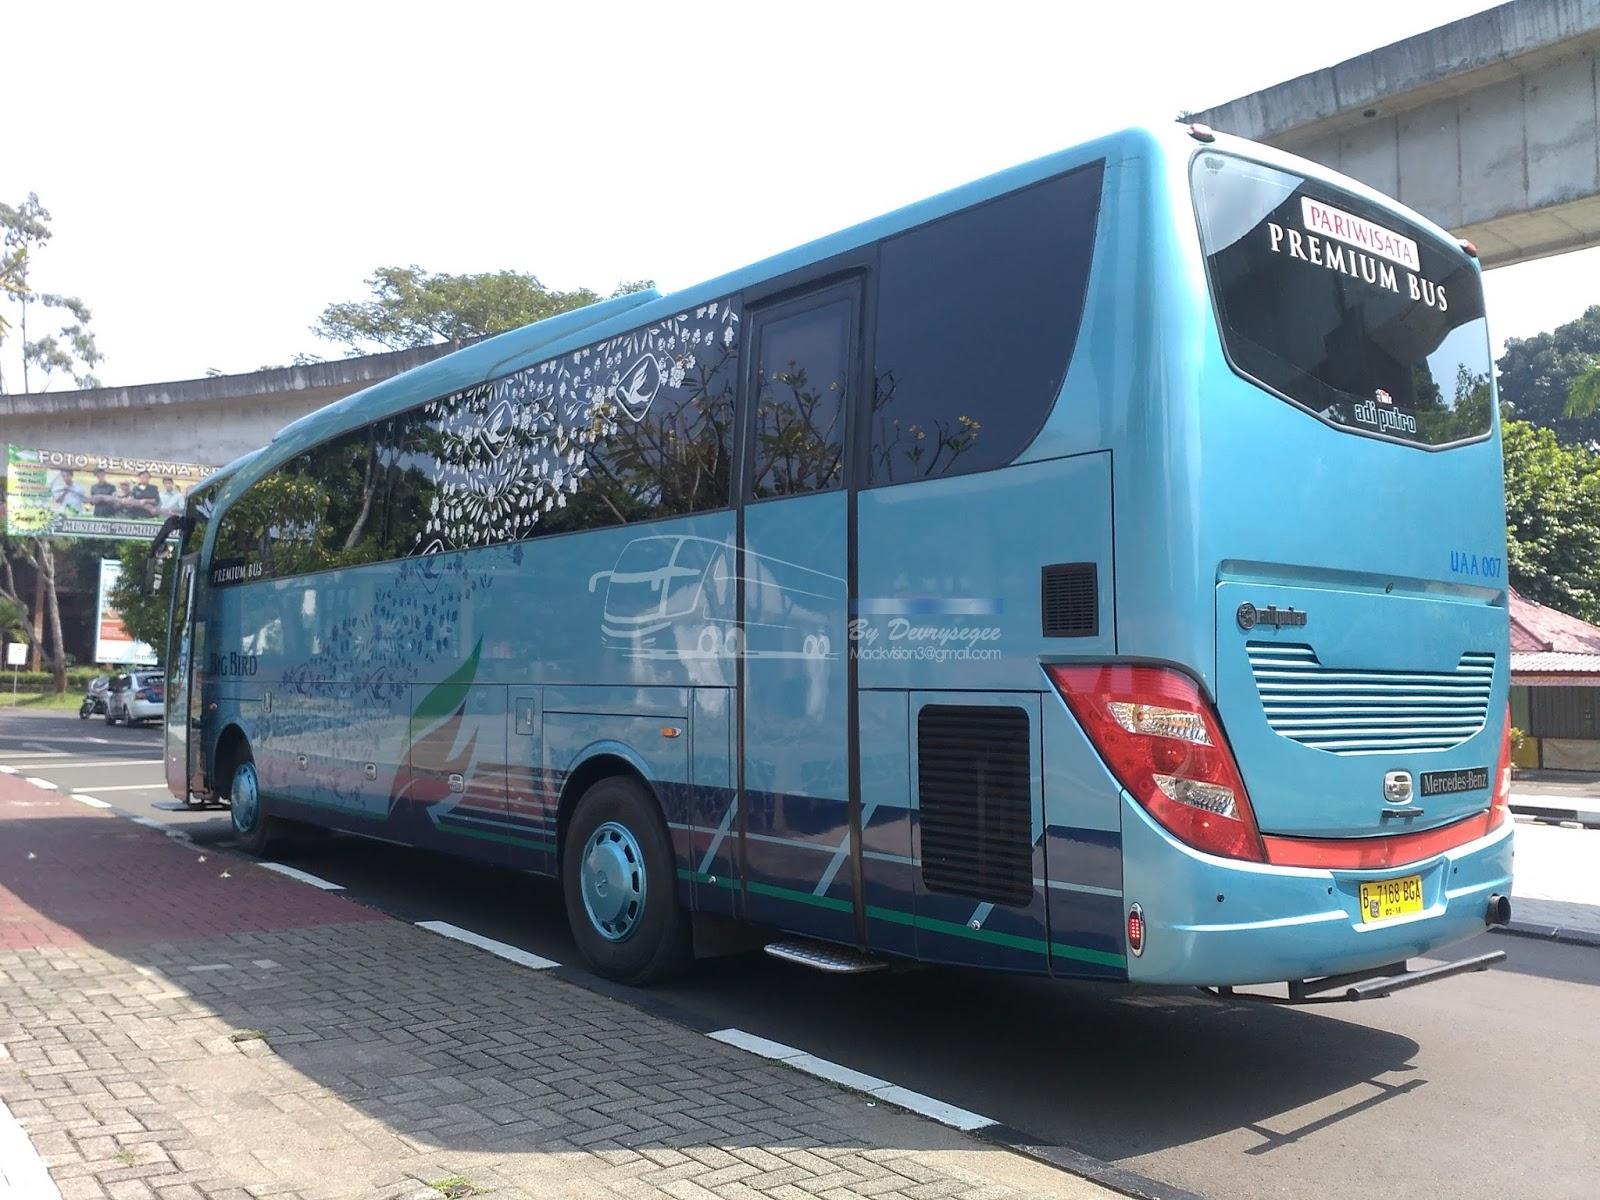 Sekilas Tentang AJB Tour & Trans - Sedang Merencanakan Liburan Bersama Rombongan? Intip Harga Sewa Bus Pariwisata dari AJB Tour & Trans Berikut